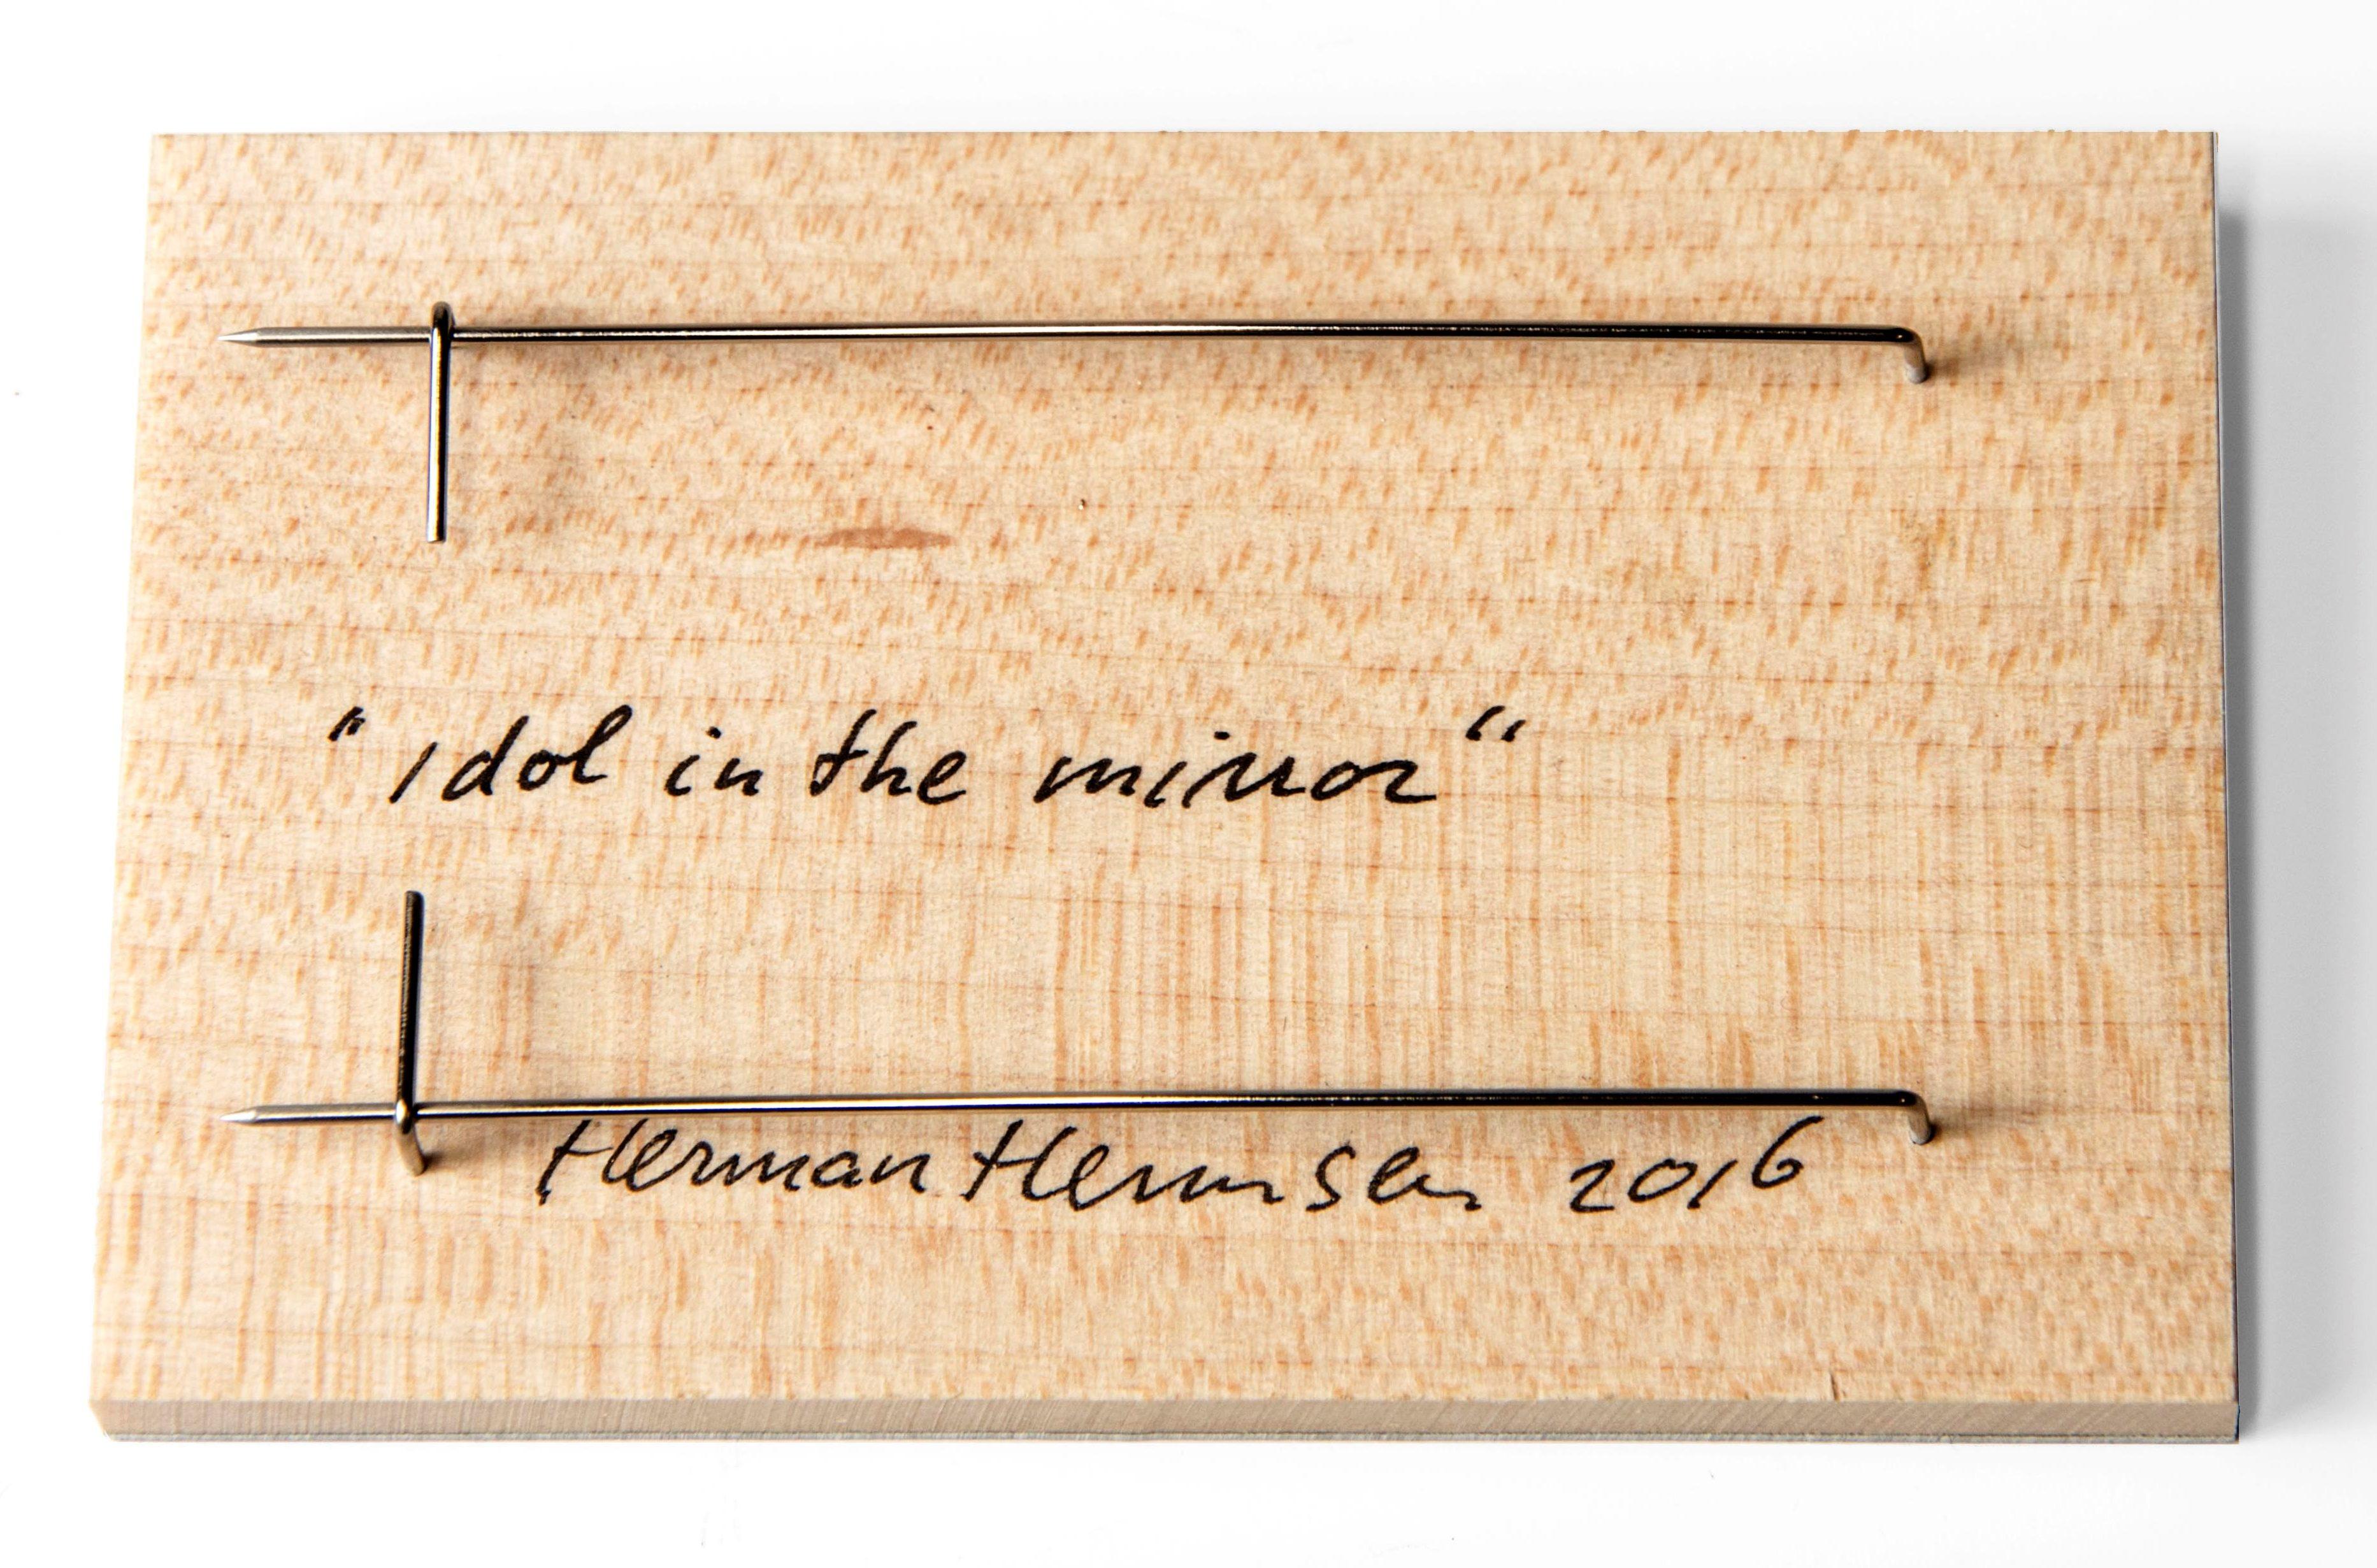 Herman Hermsen, Idol in the mirror, broche, 2016, achterzijde. Collectie CODA. Foto met dank aan CODA©